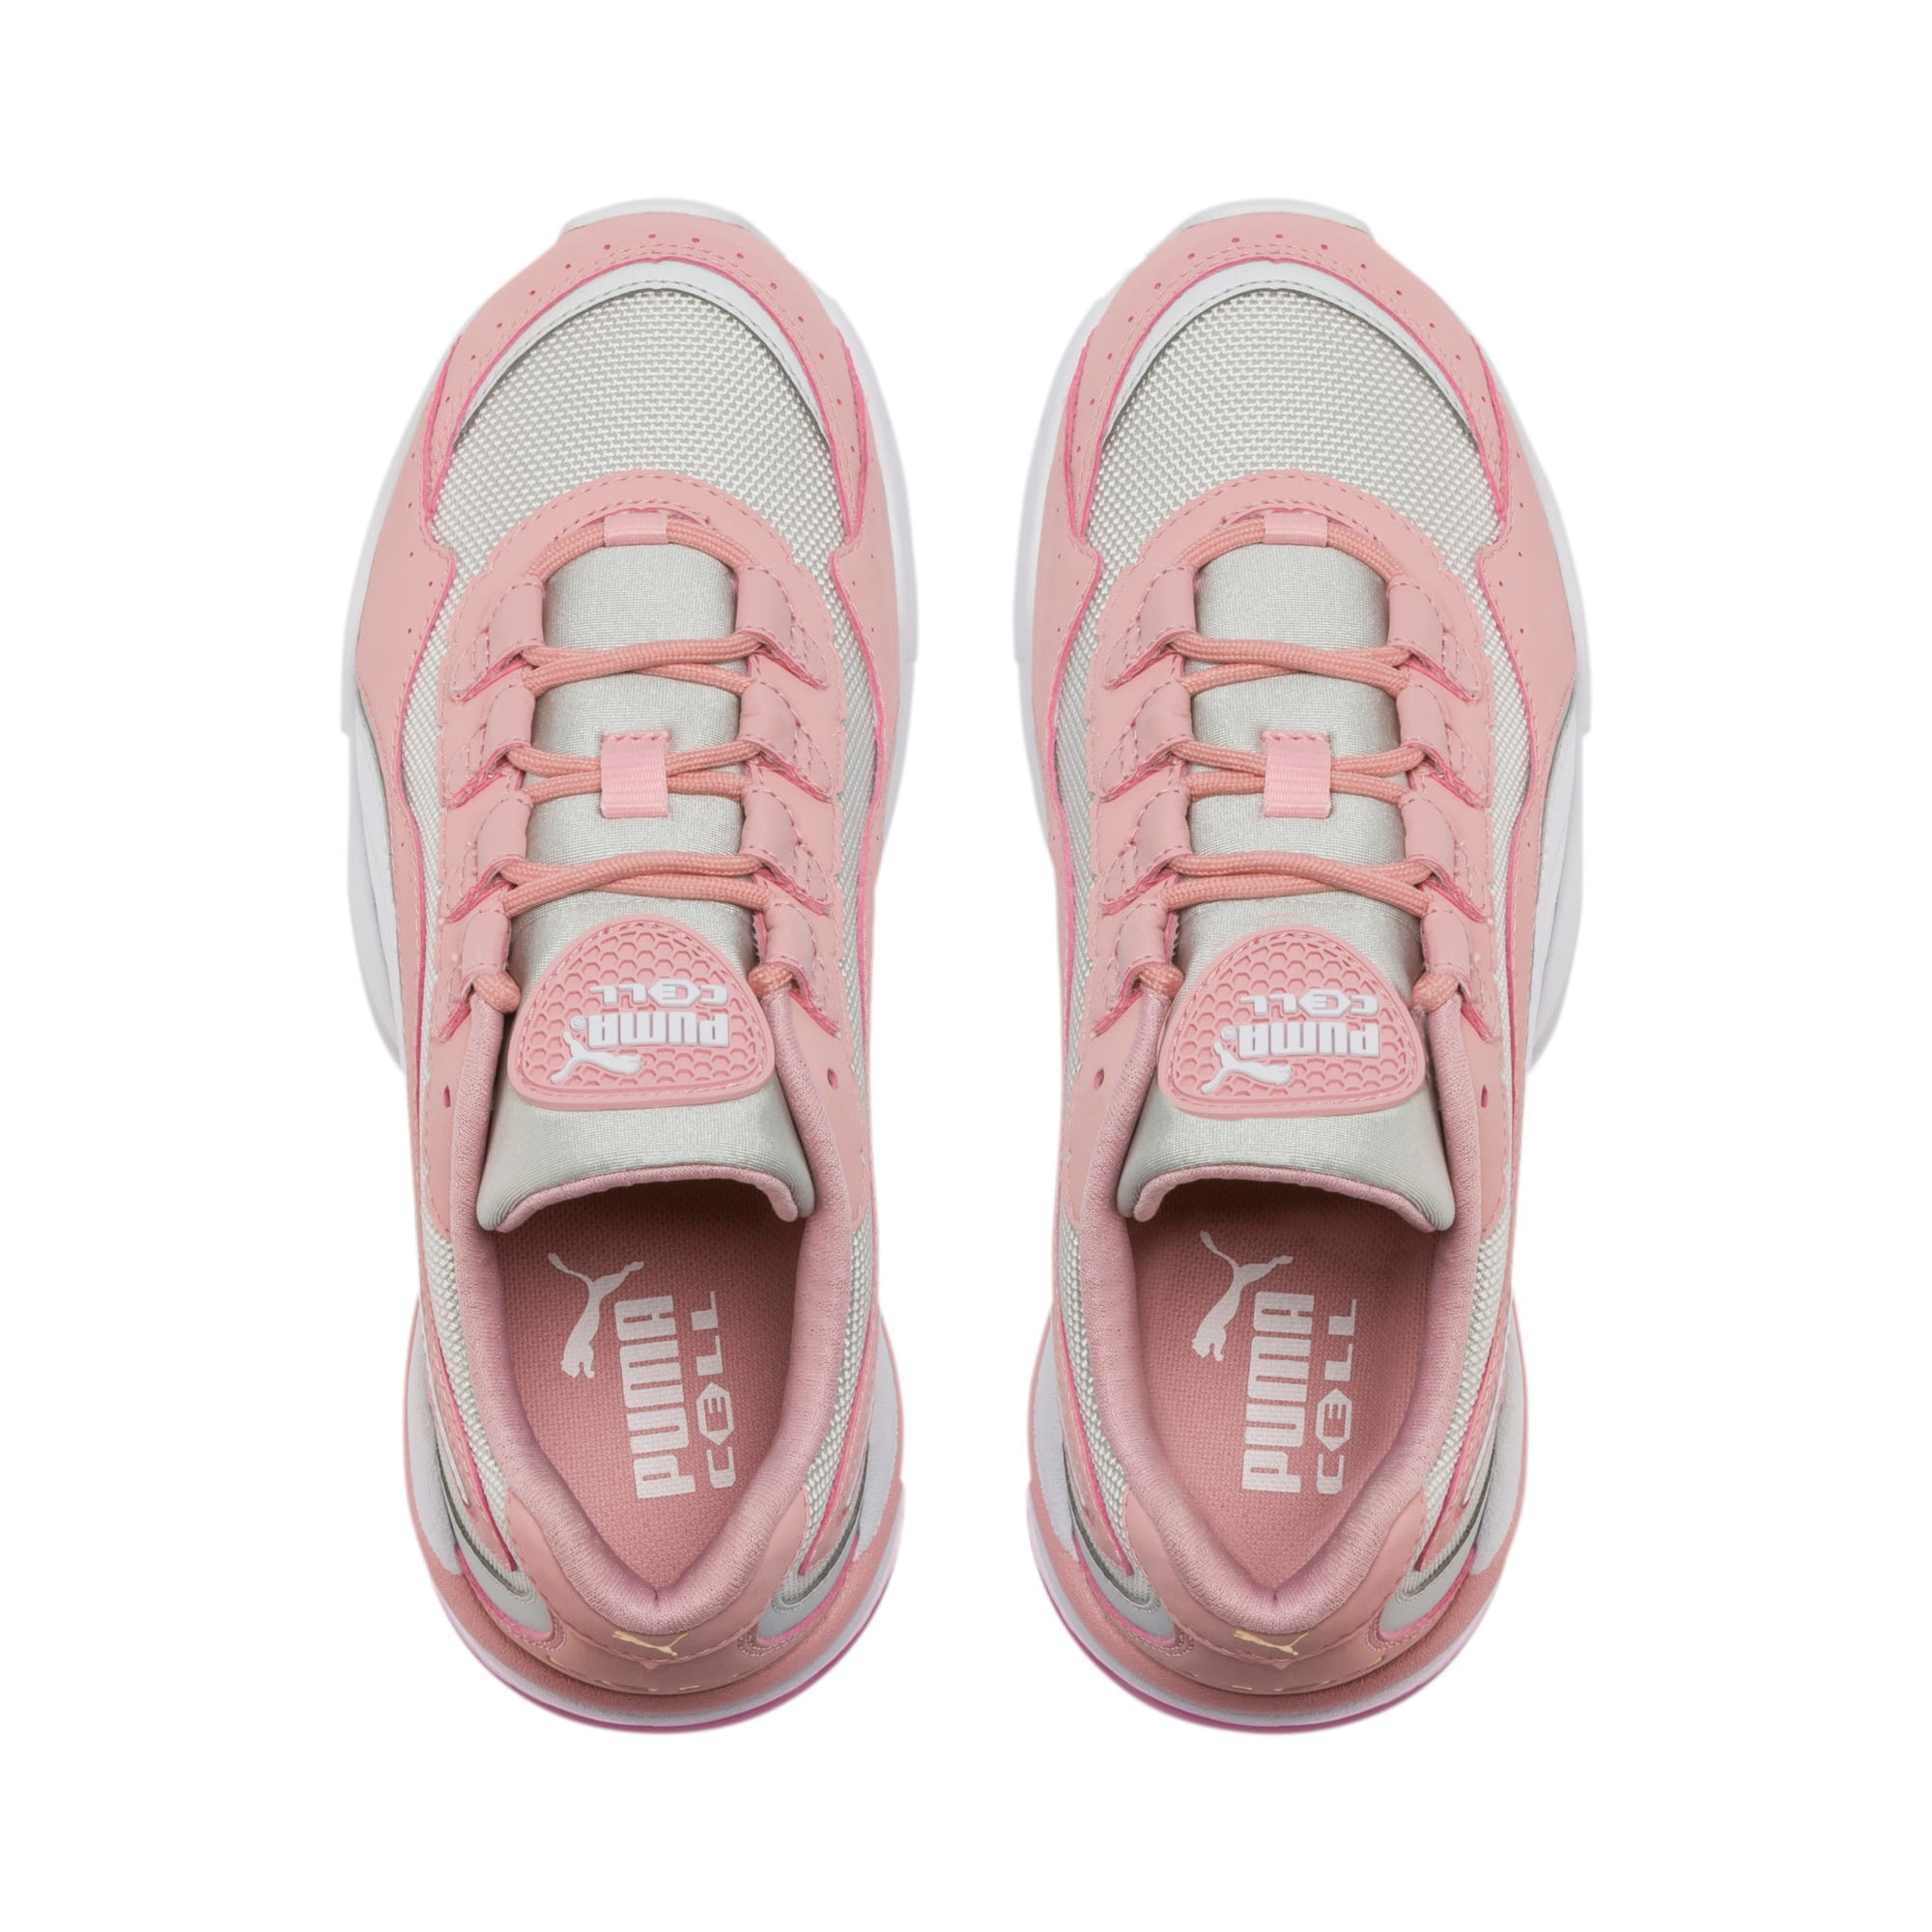 Thumbnail 7 of CELL Stellar Damen Sneaker, Bridal Rose-Gray Violet, medium